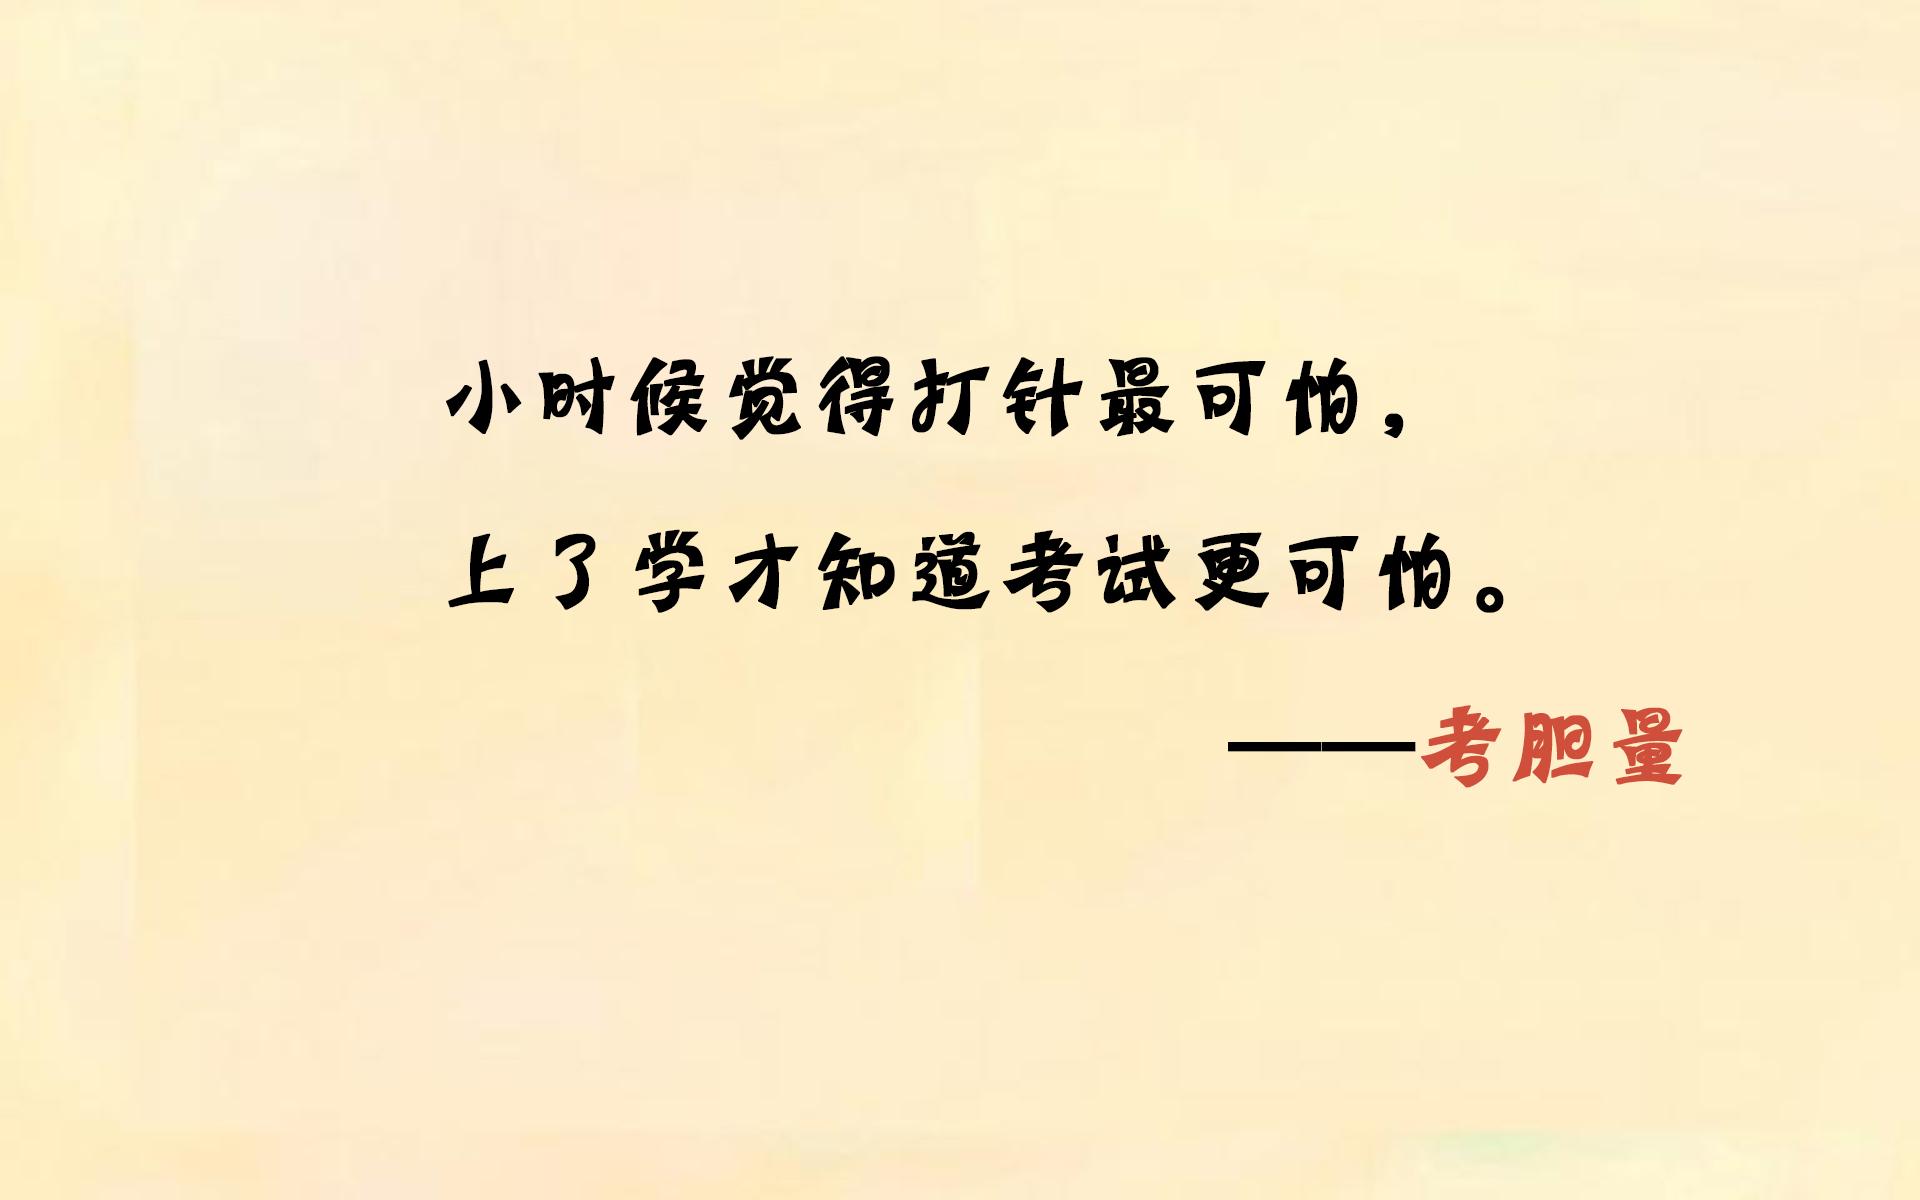 小王子经典语录图片